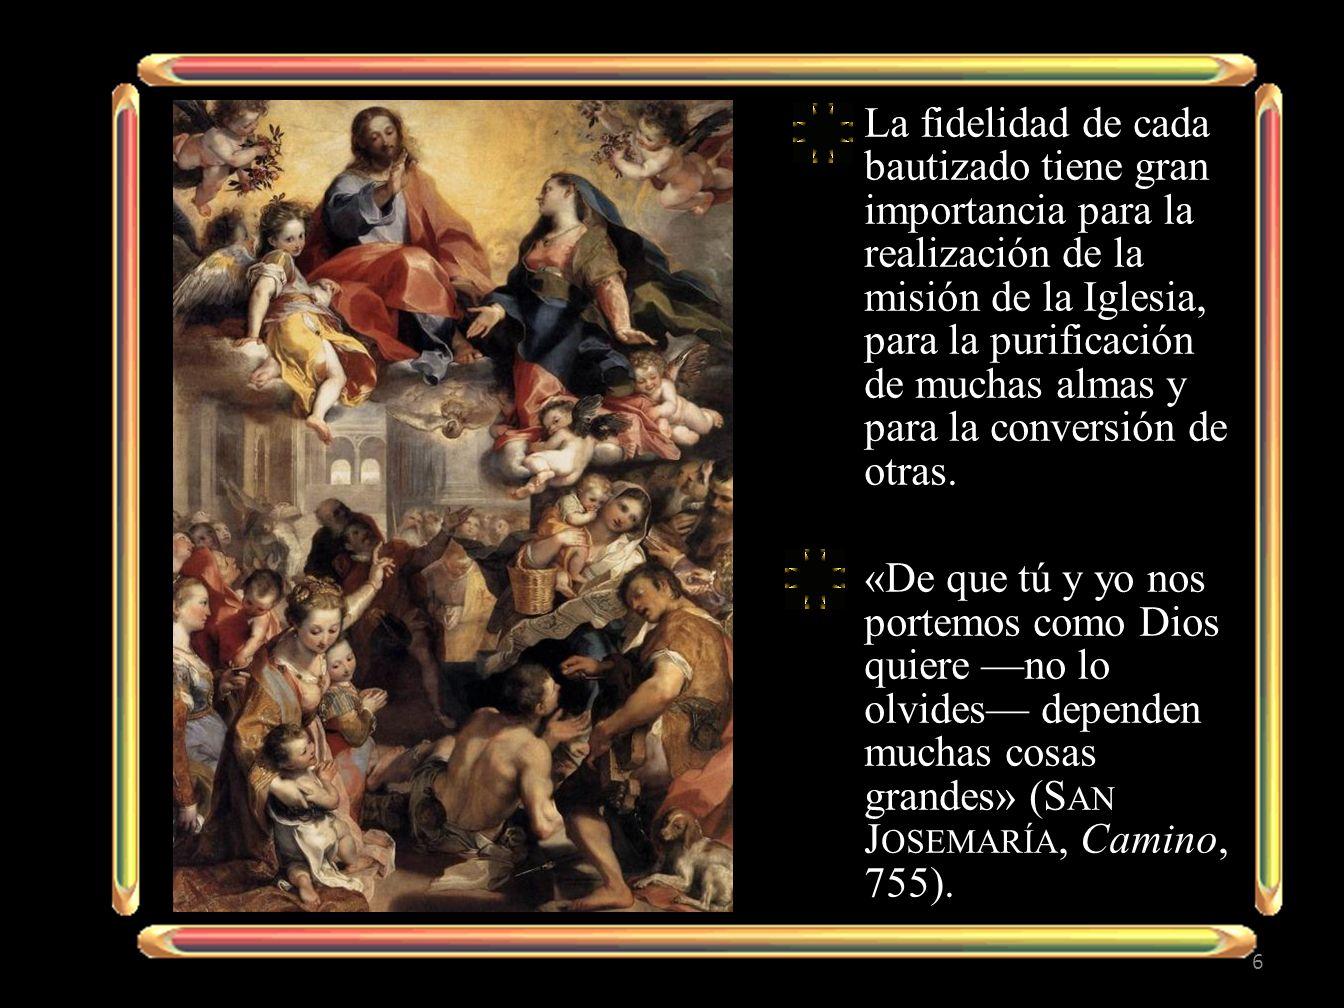 El ministerio episcopal también tiene un carácter personal, porque cada uno es responsable ante Cristo, que lo ha llamado personalmente y le confirió la misión al recibir el sacramento del Orden en plenitud.